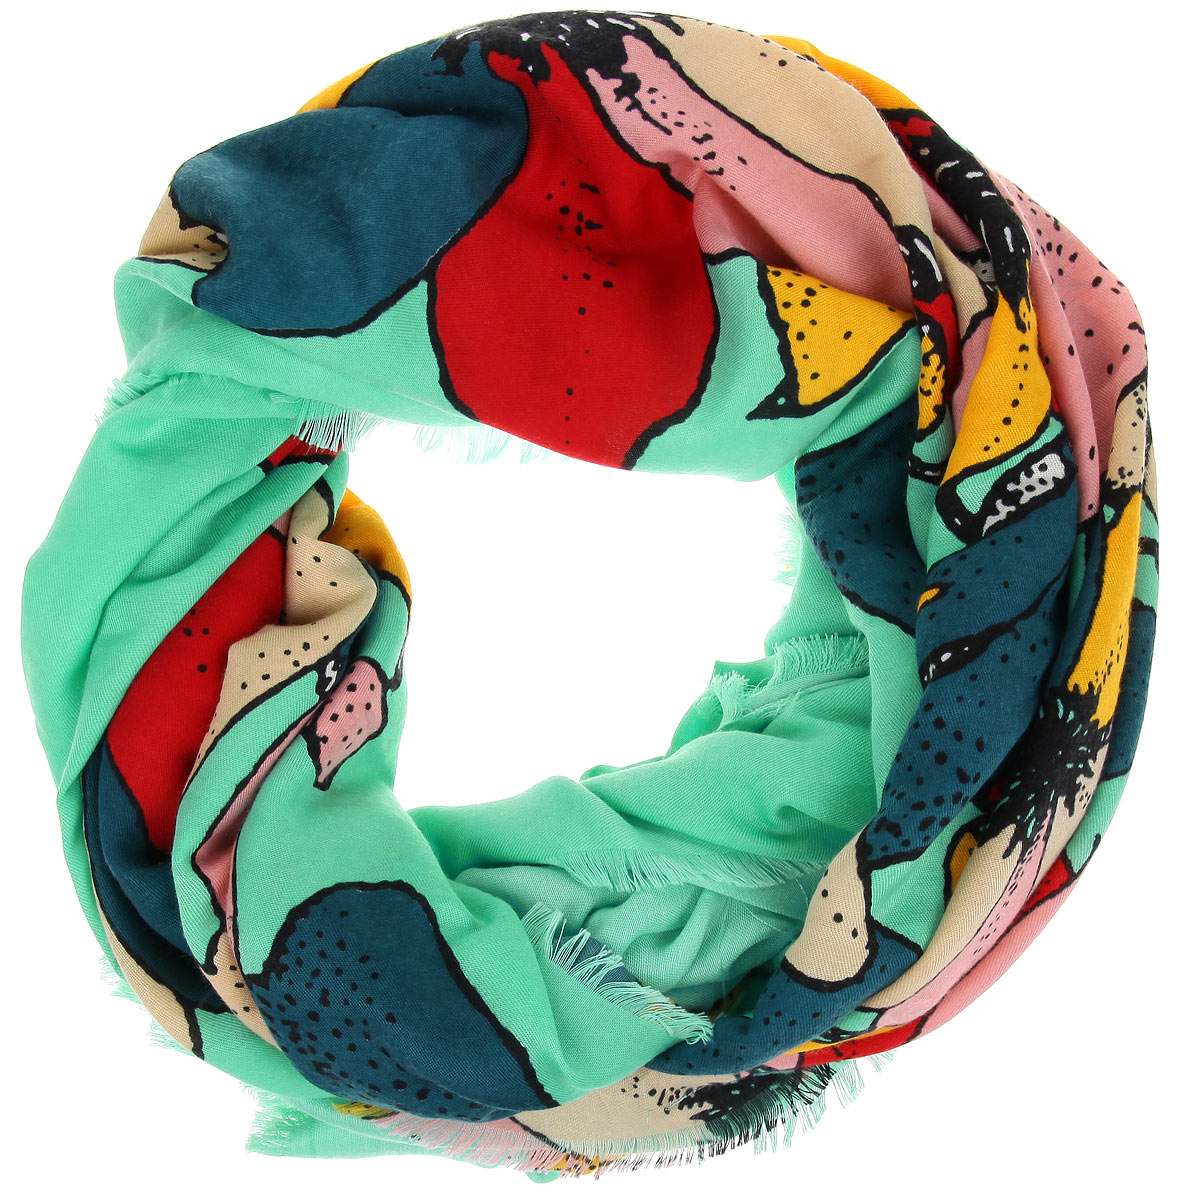 Платок женский Sophie Ramage, цвет: зеленый, красный, желтый. BH-11522-6. Размер 130 см x 130 смBH-11522-6Великолепный платок Sophie Ramage станет изысканным аксессуаром, который подчеркнет ваши индивидуальность и очарование. Платок изготовлен из модала с добавлением кашемира и оформлен эффектным цветочным узором. Края модели украшены короткой бахромой. Платок Sophie Ramage станет вашим верным спутником, а окружающие обязательно будут обращать свое восторженное внимание на вас.